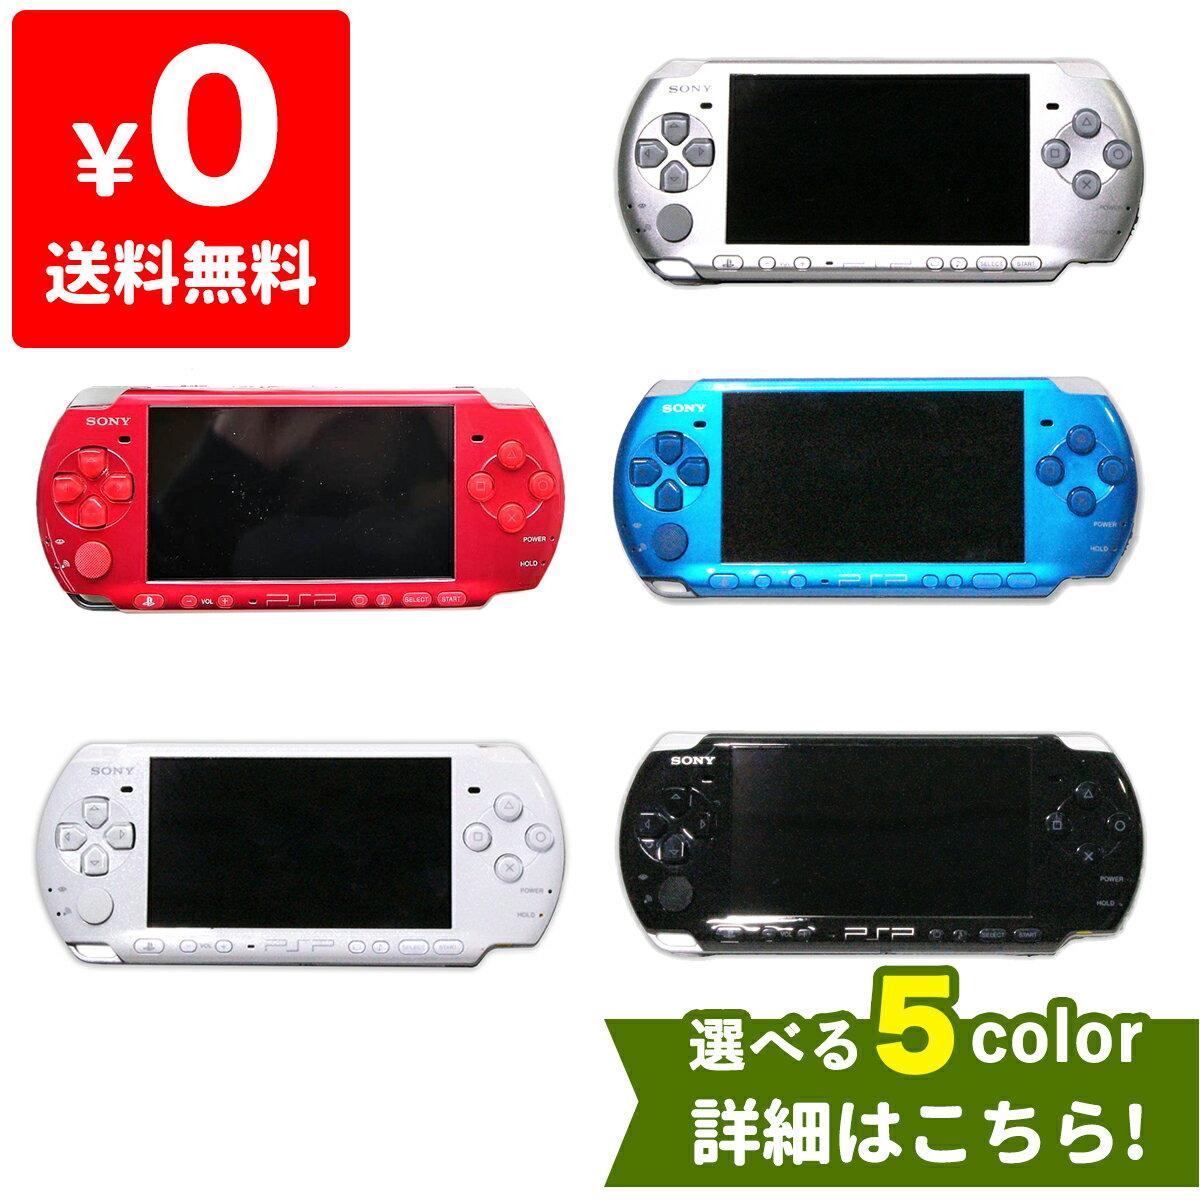 【送料無料】PSP 3000 本体のみ 選べる 5色【中古】